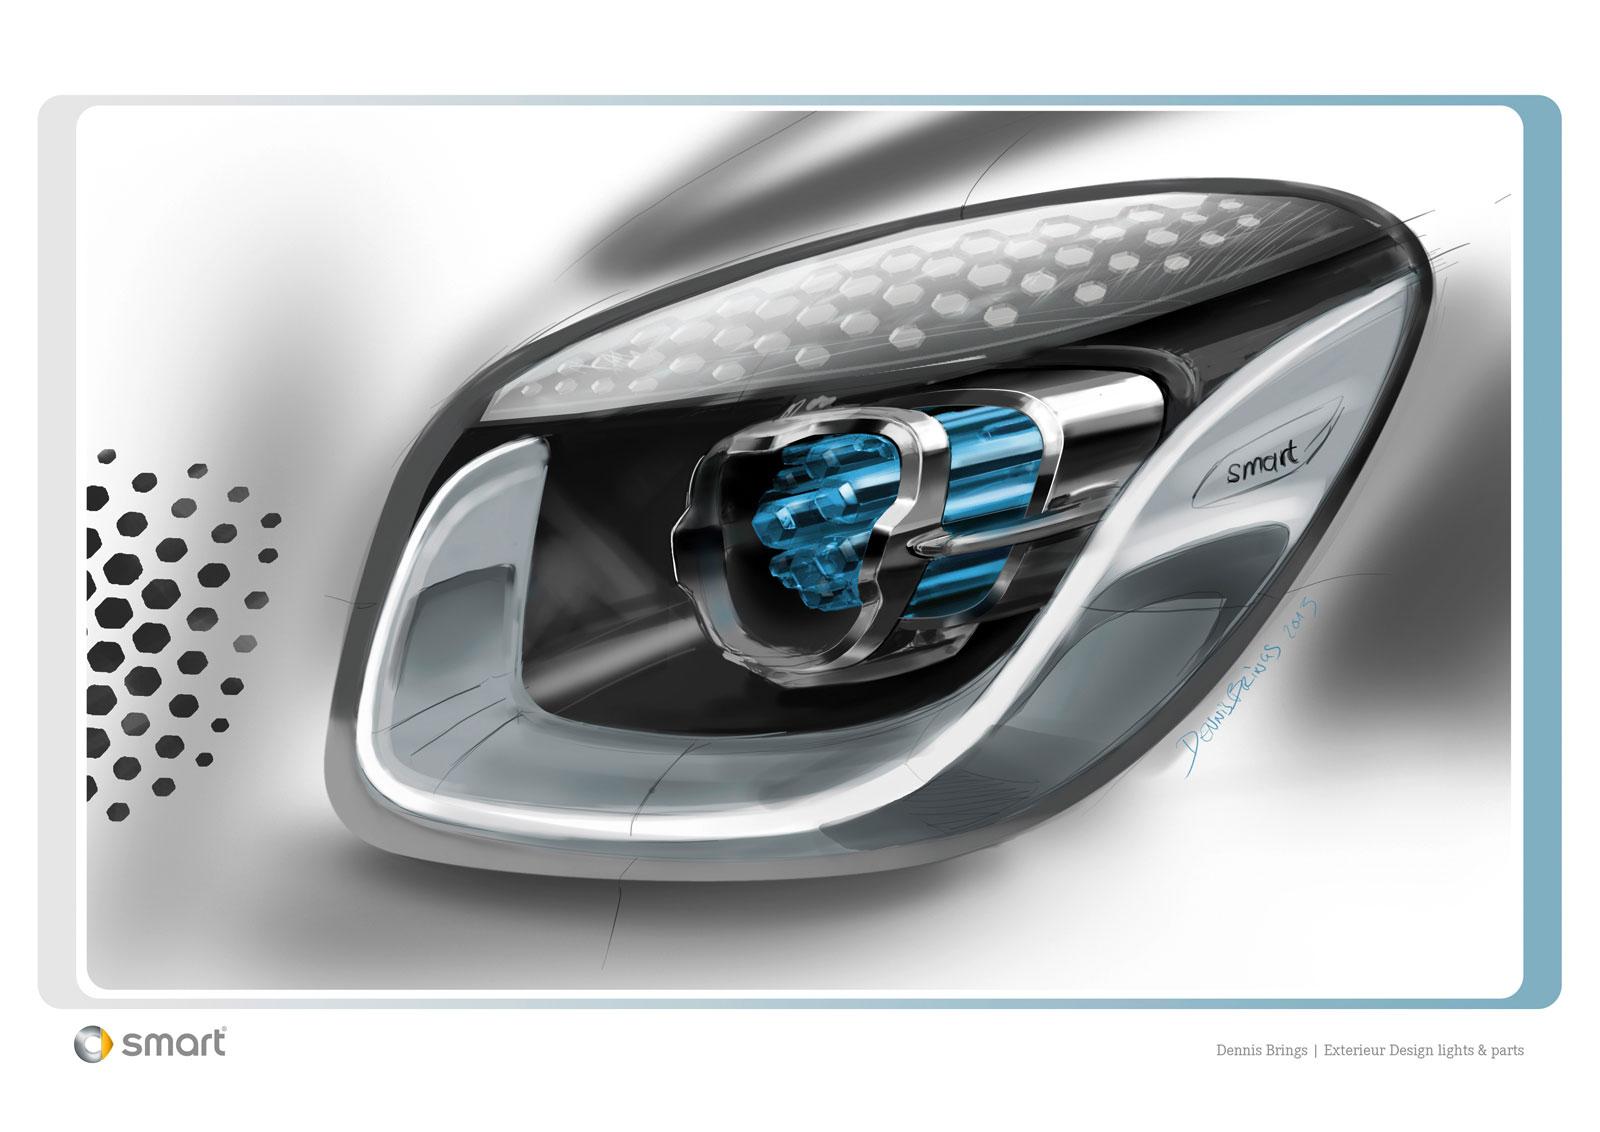 smart forjoy concept headlight design sketch car body design. Black Bedroom Furniture Sets. Home Design Ideas